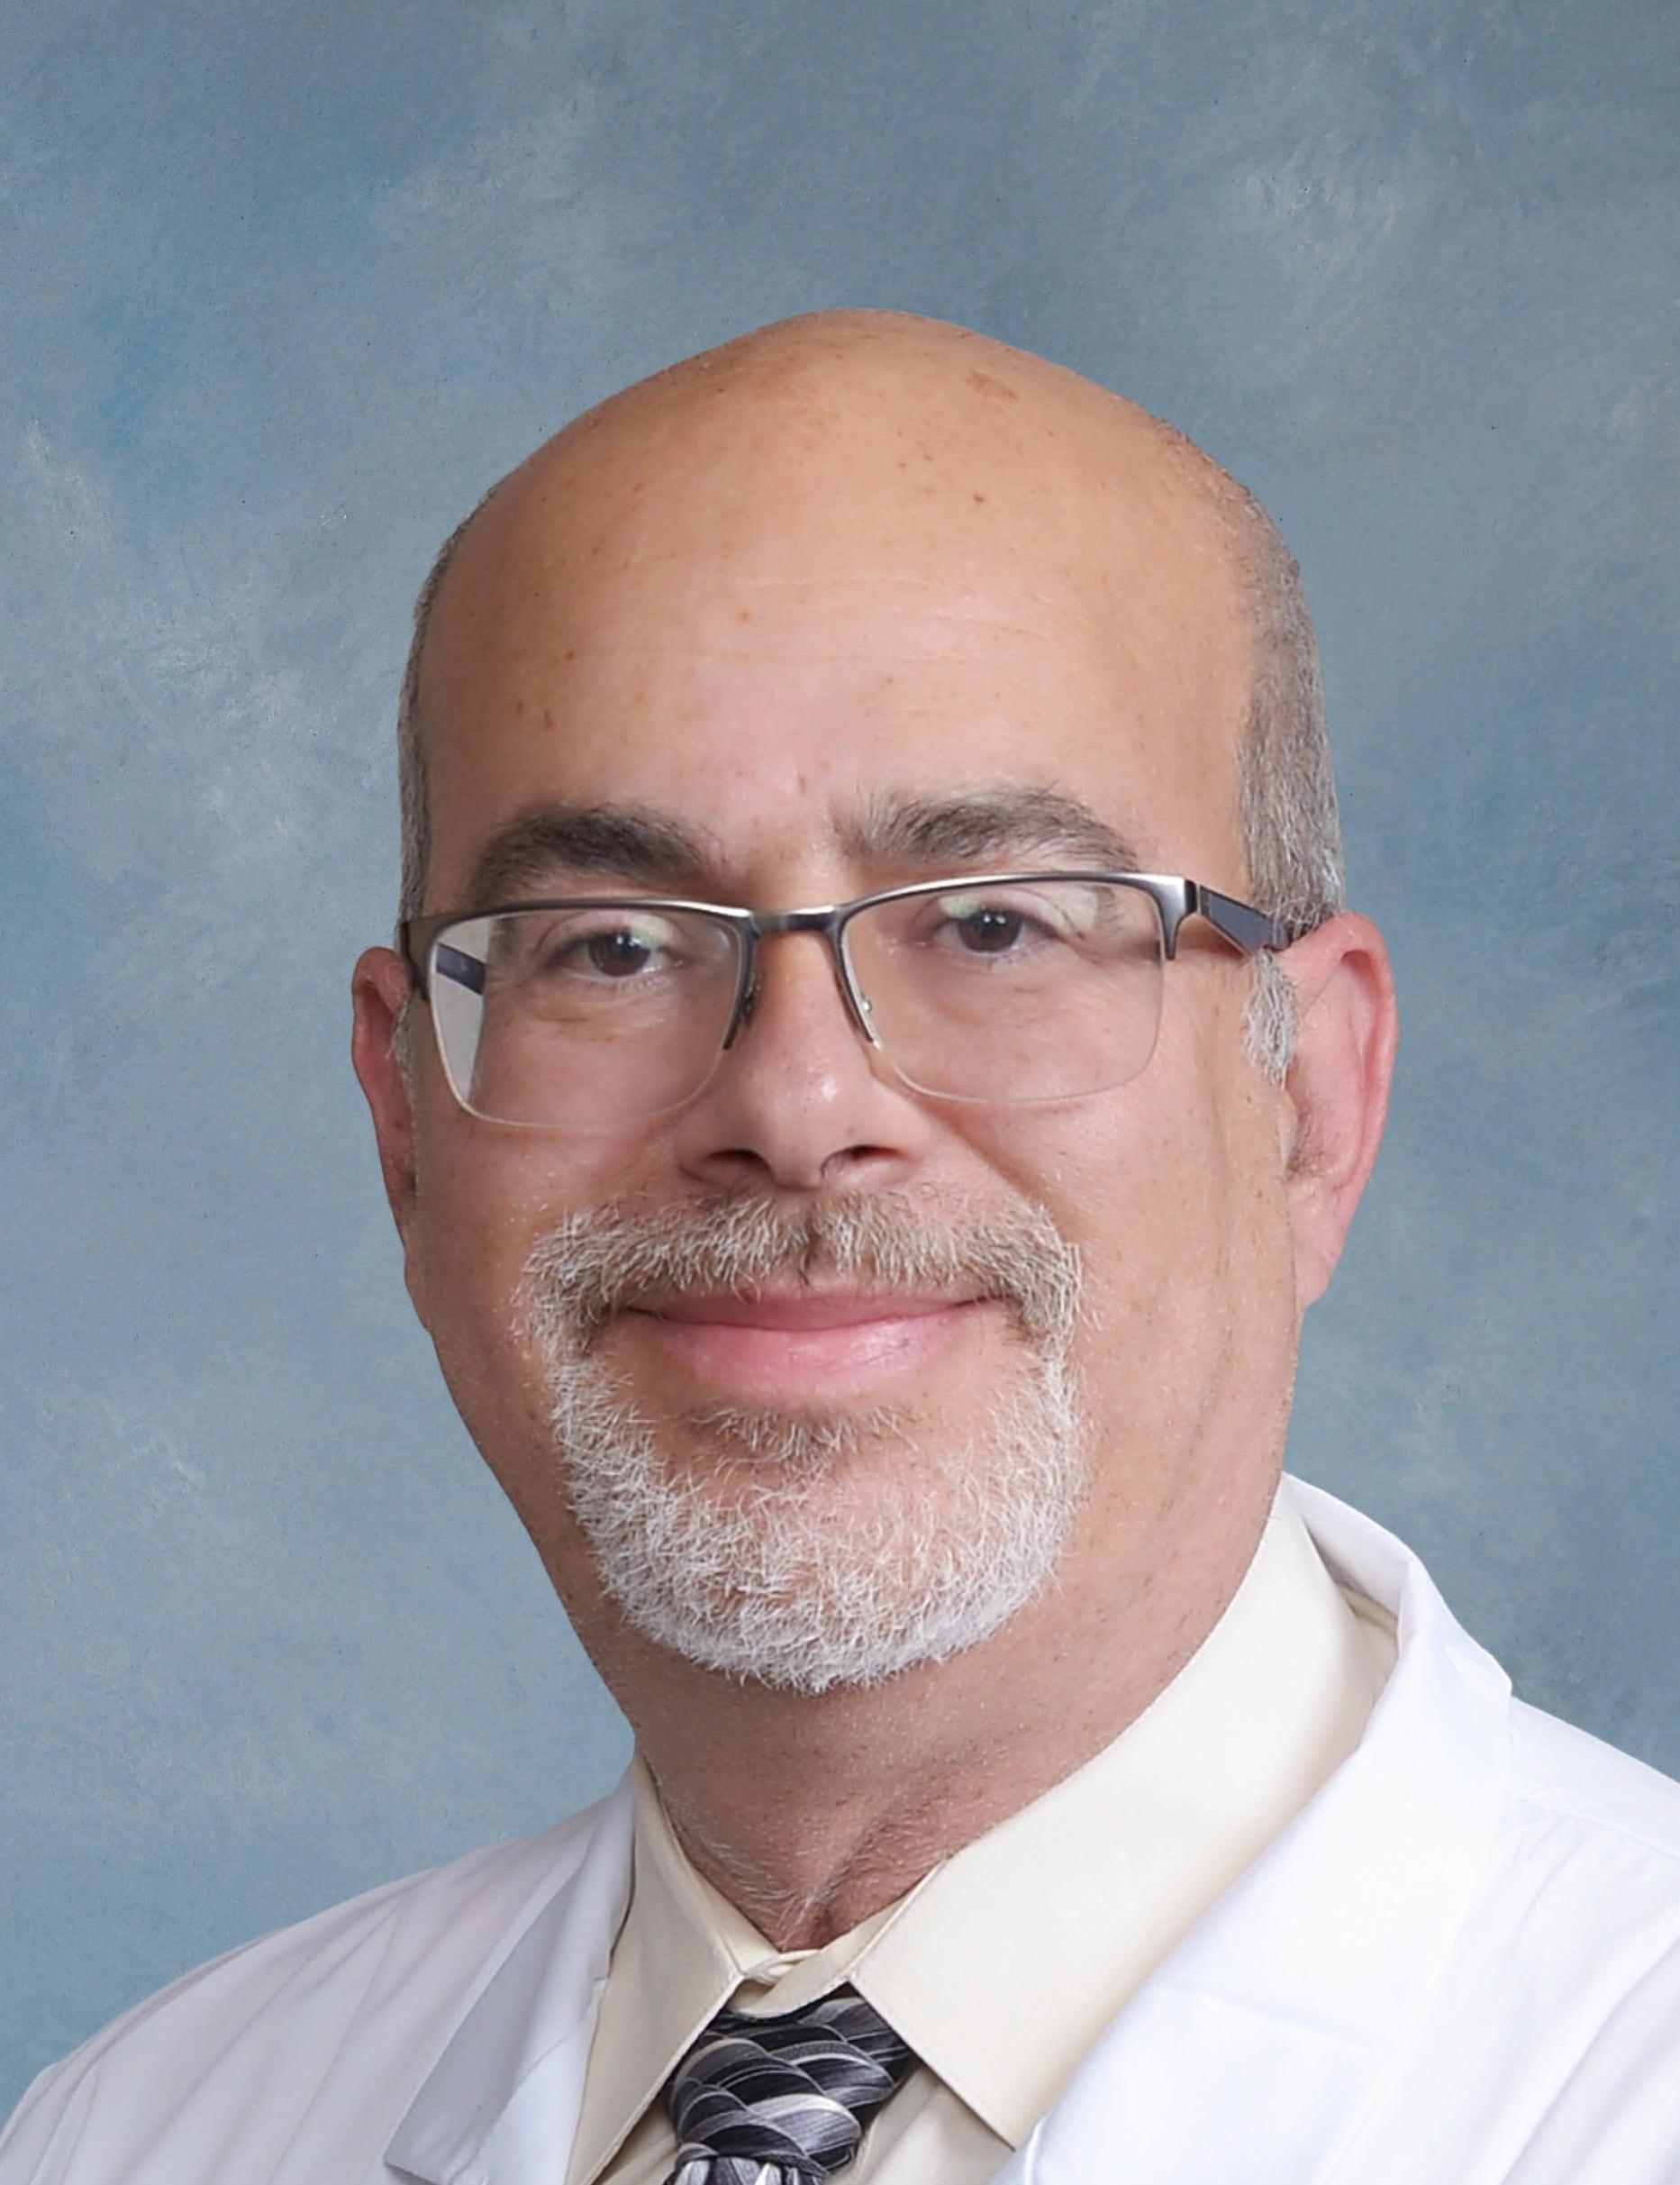 Adam Sackstein